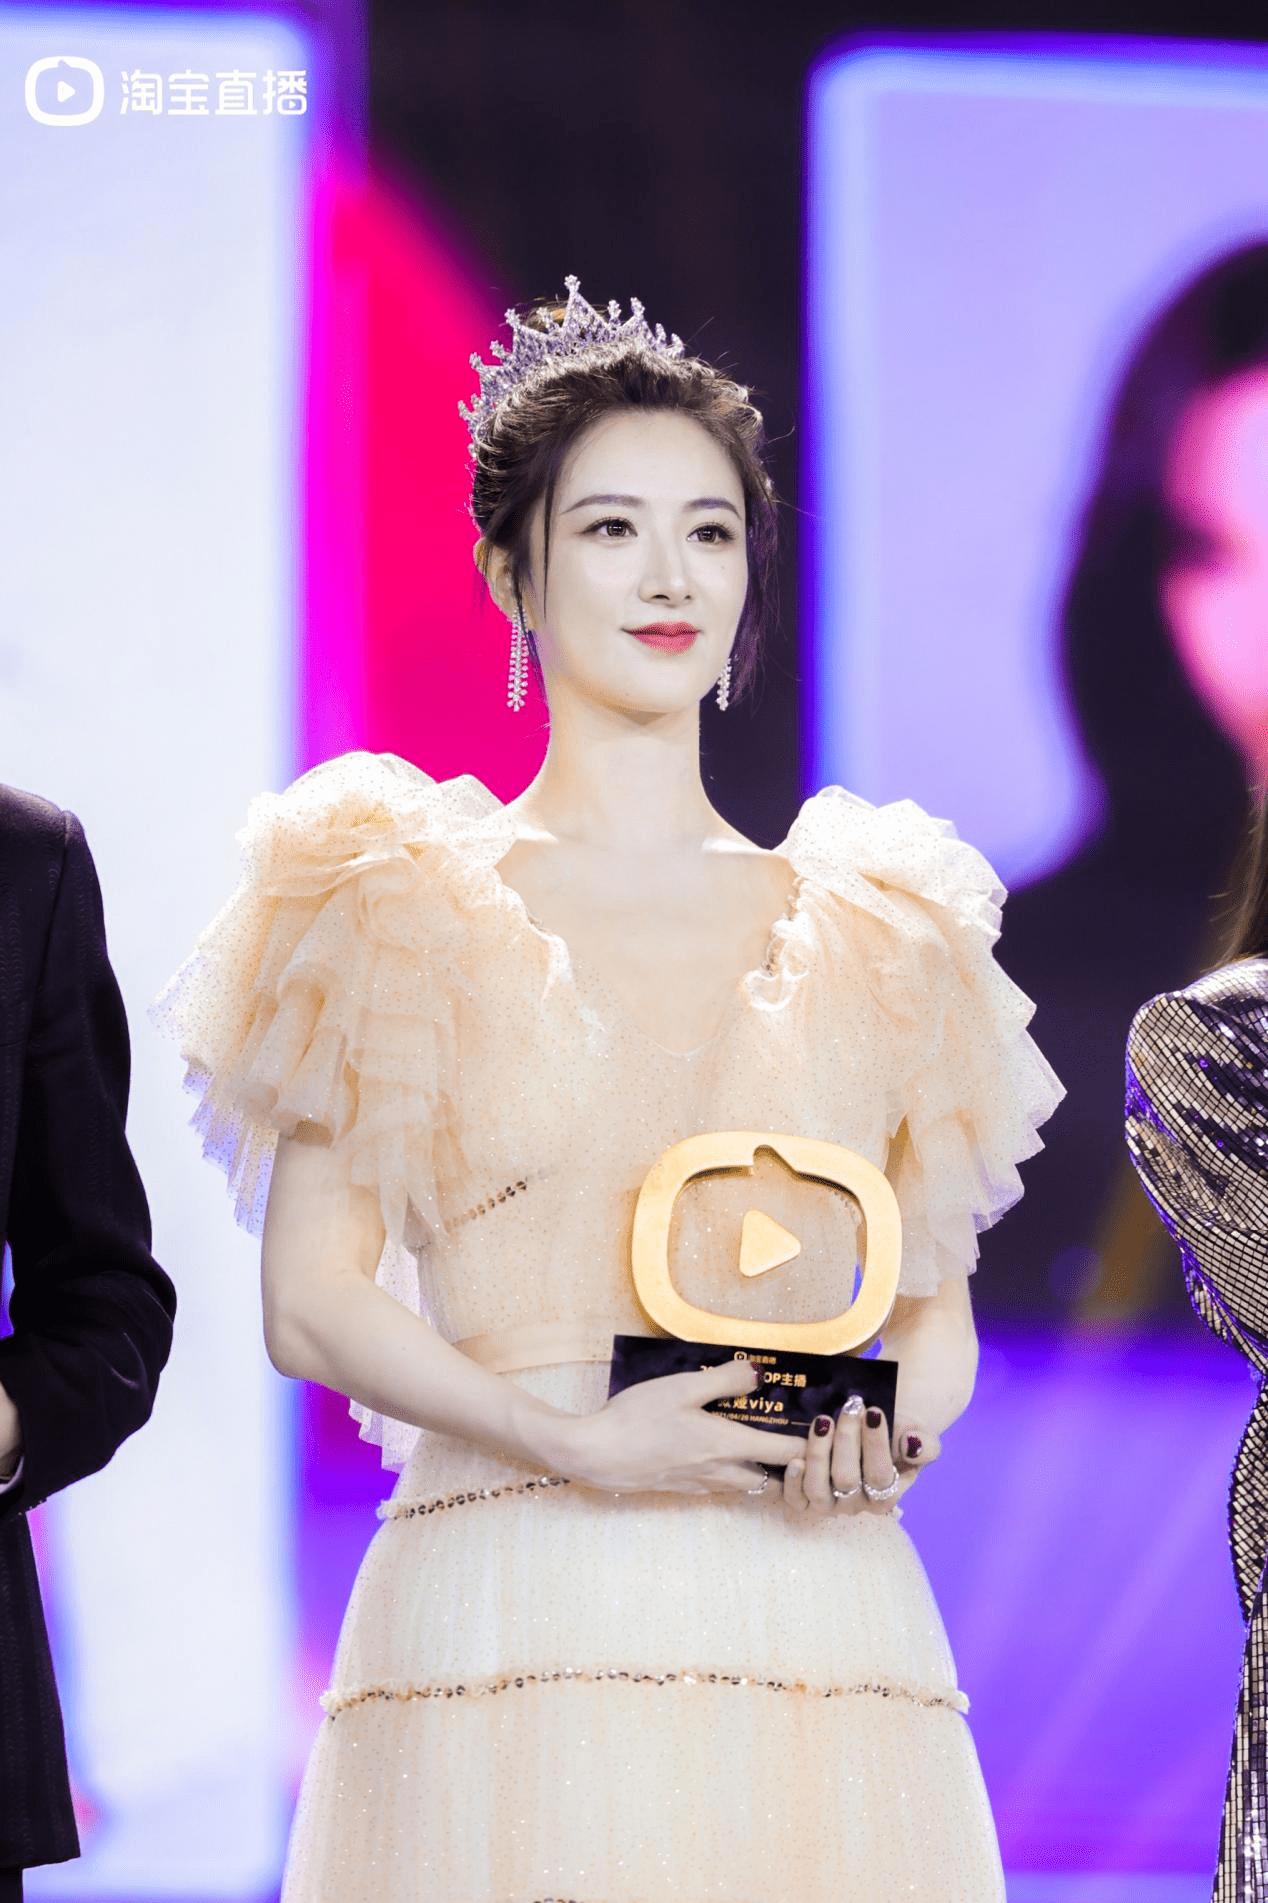 薇娅压轴亮相淘宝直播盛典之夜红毯,谦寻荣获26项大奖